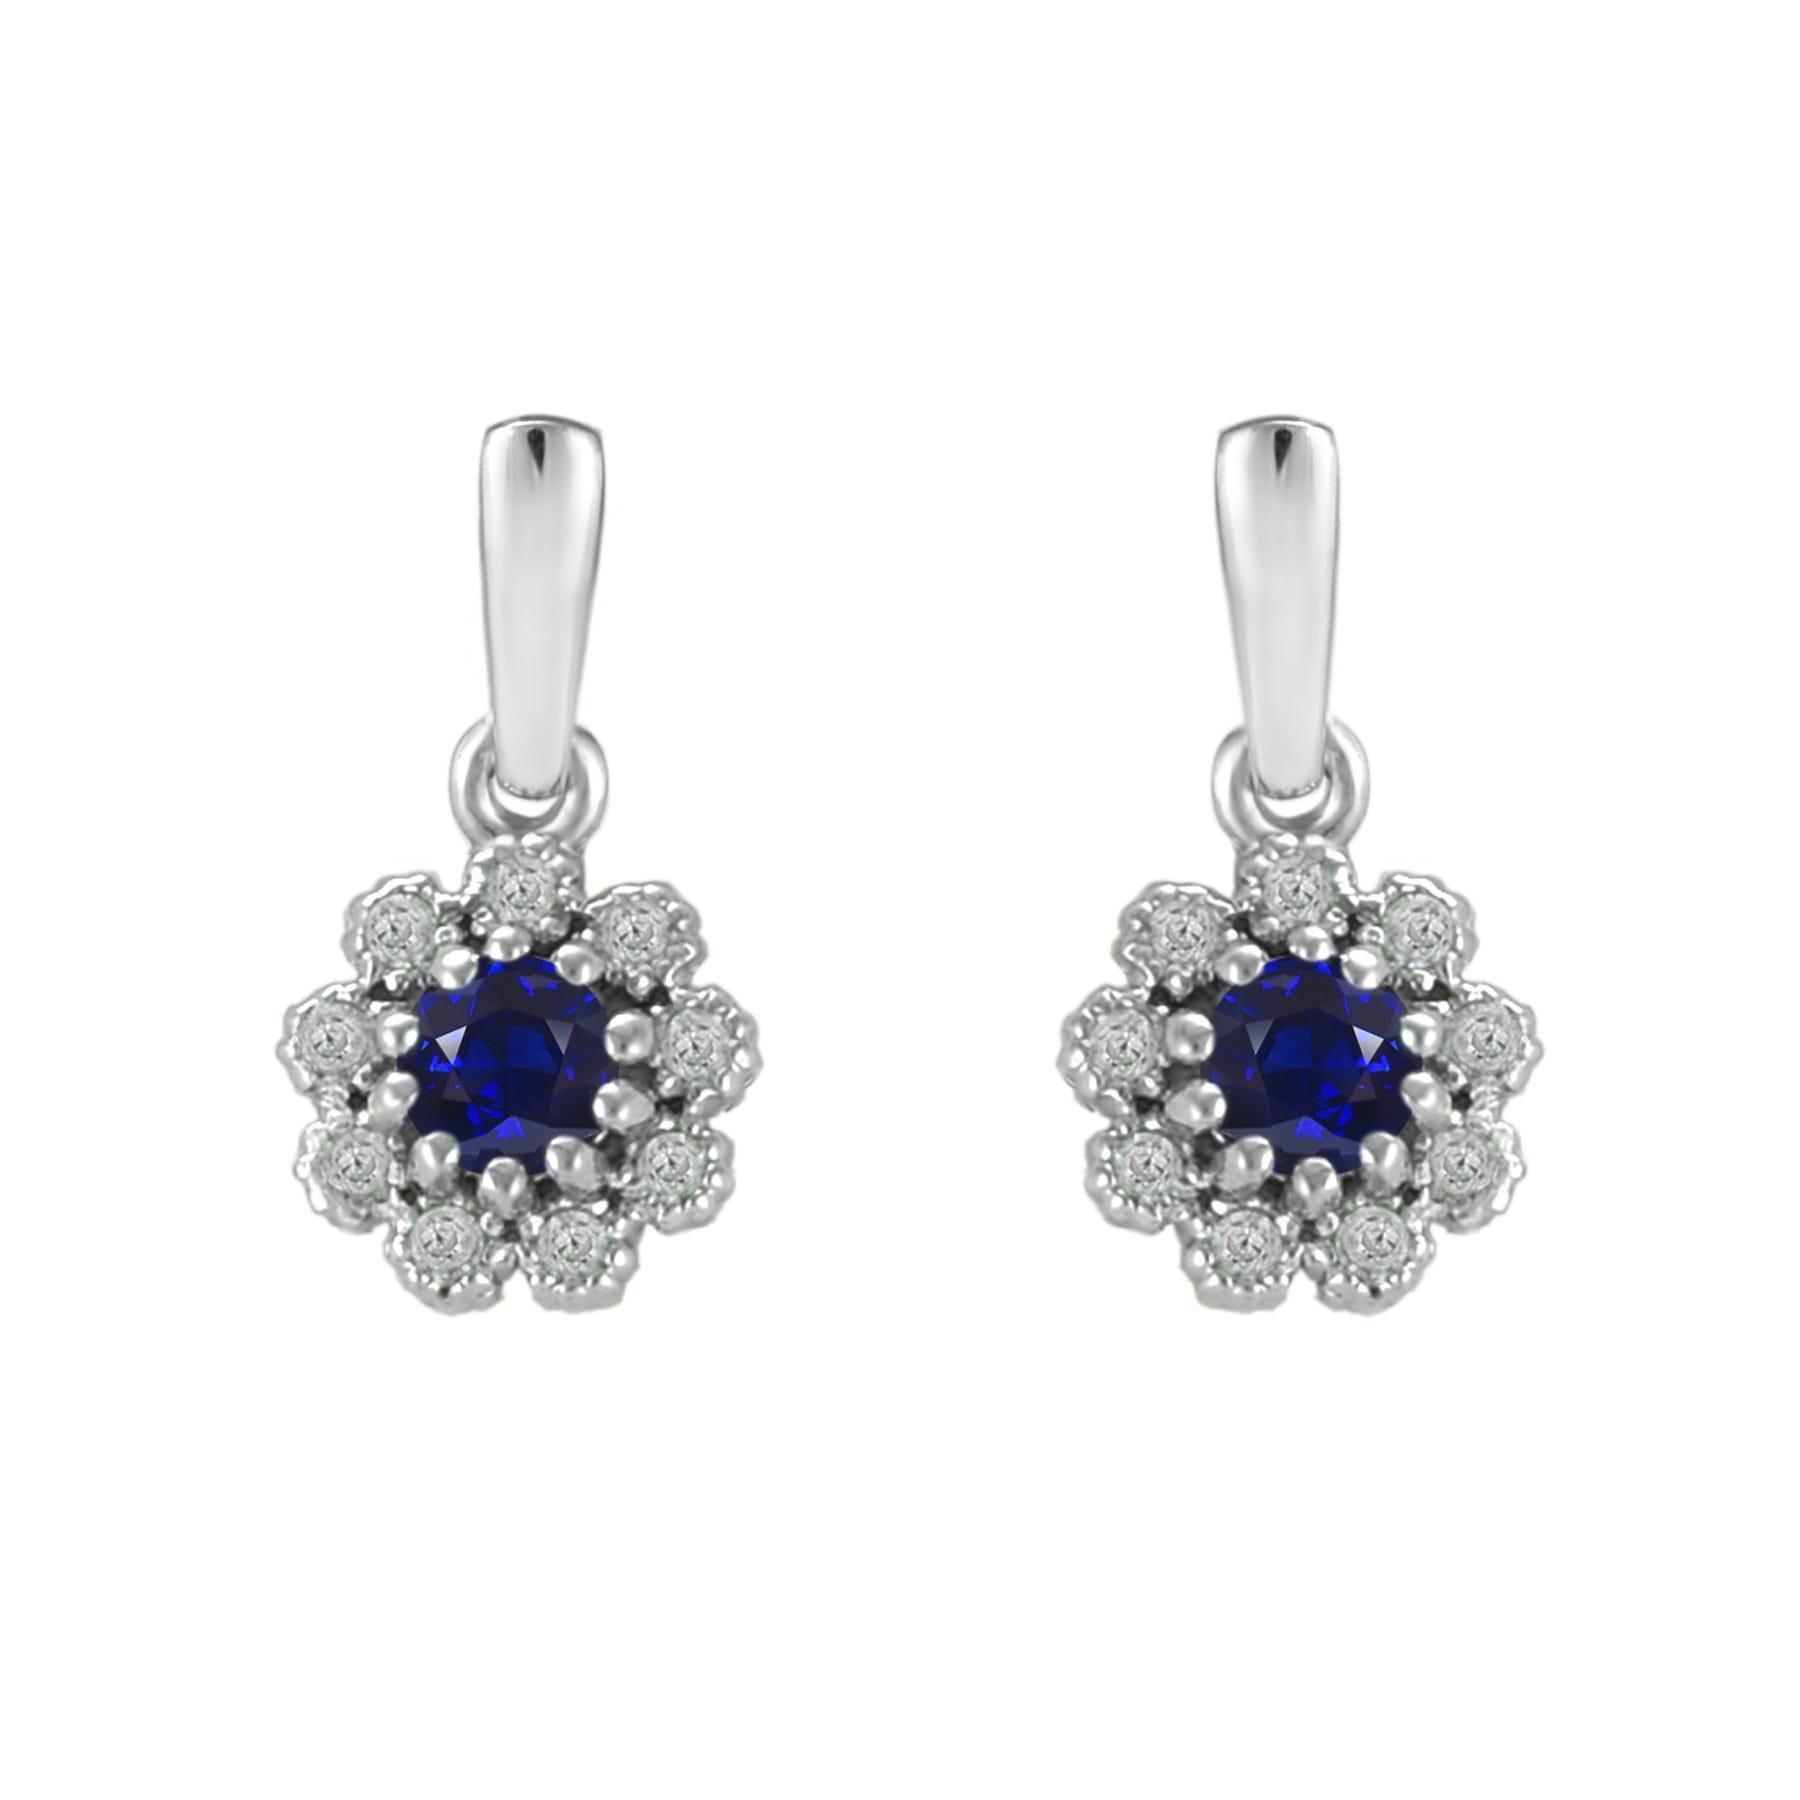 Sapphire & Diamond Flower Dangle Earrings in 10k White Gold